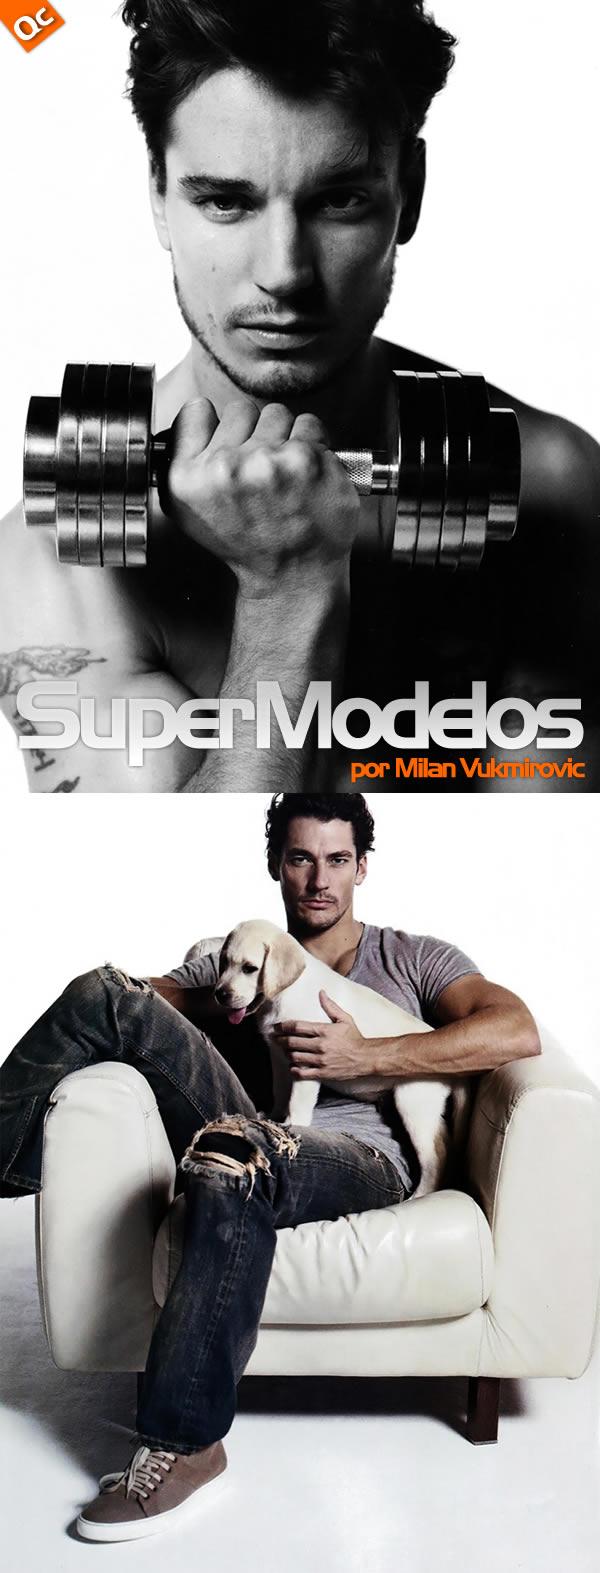 Super Modelos por Milan Vukmirovic